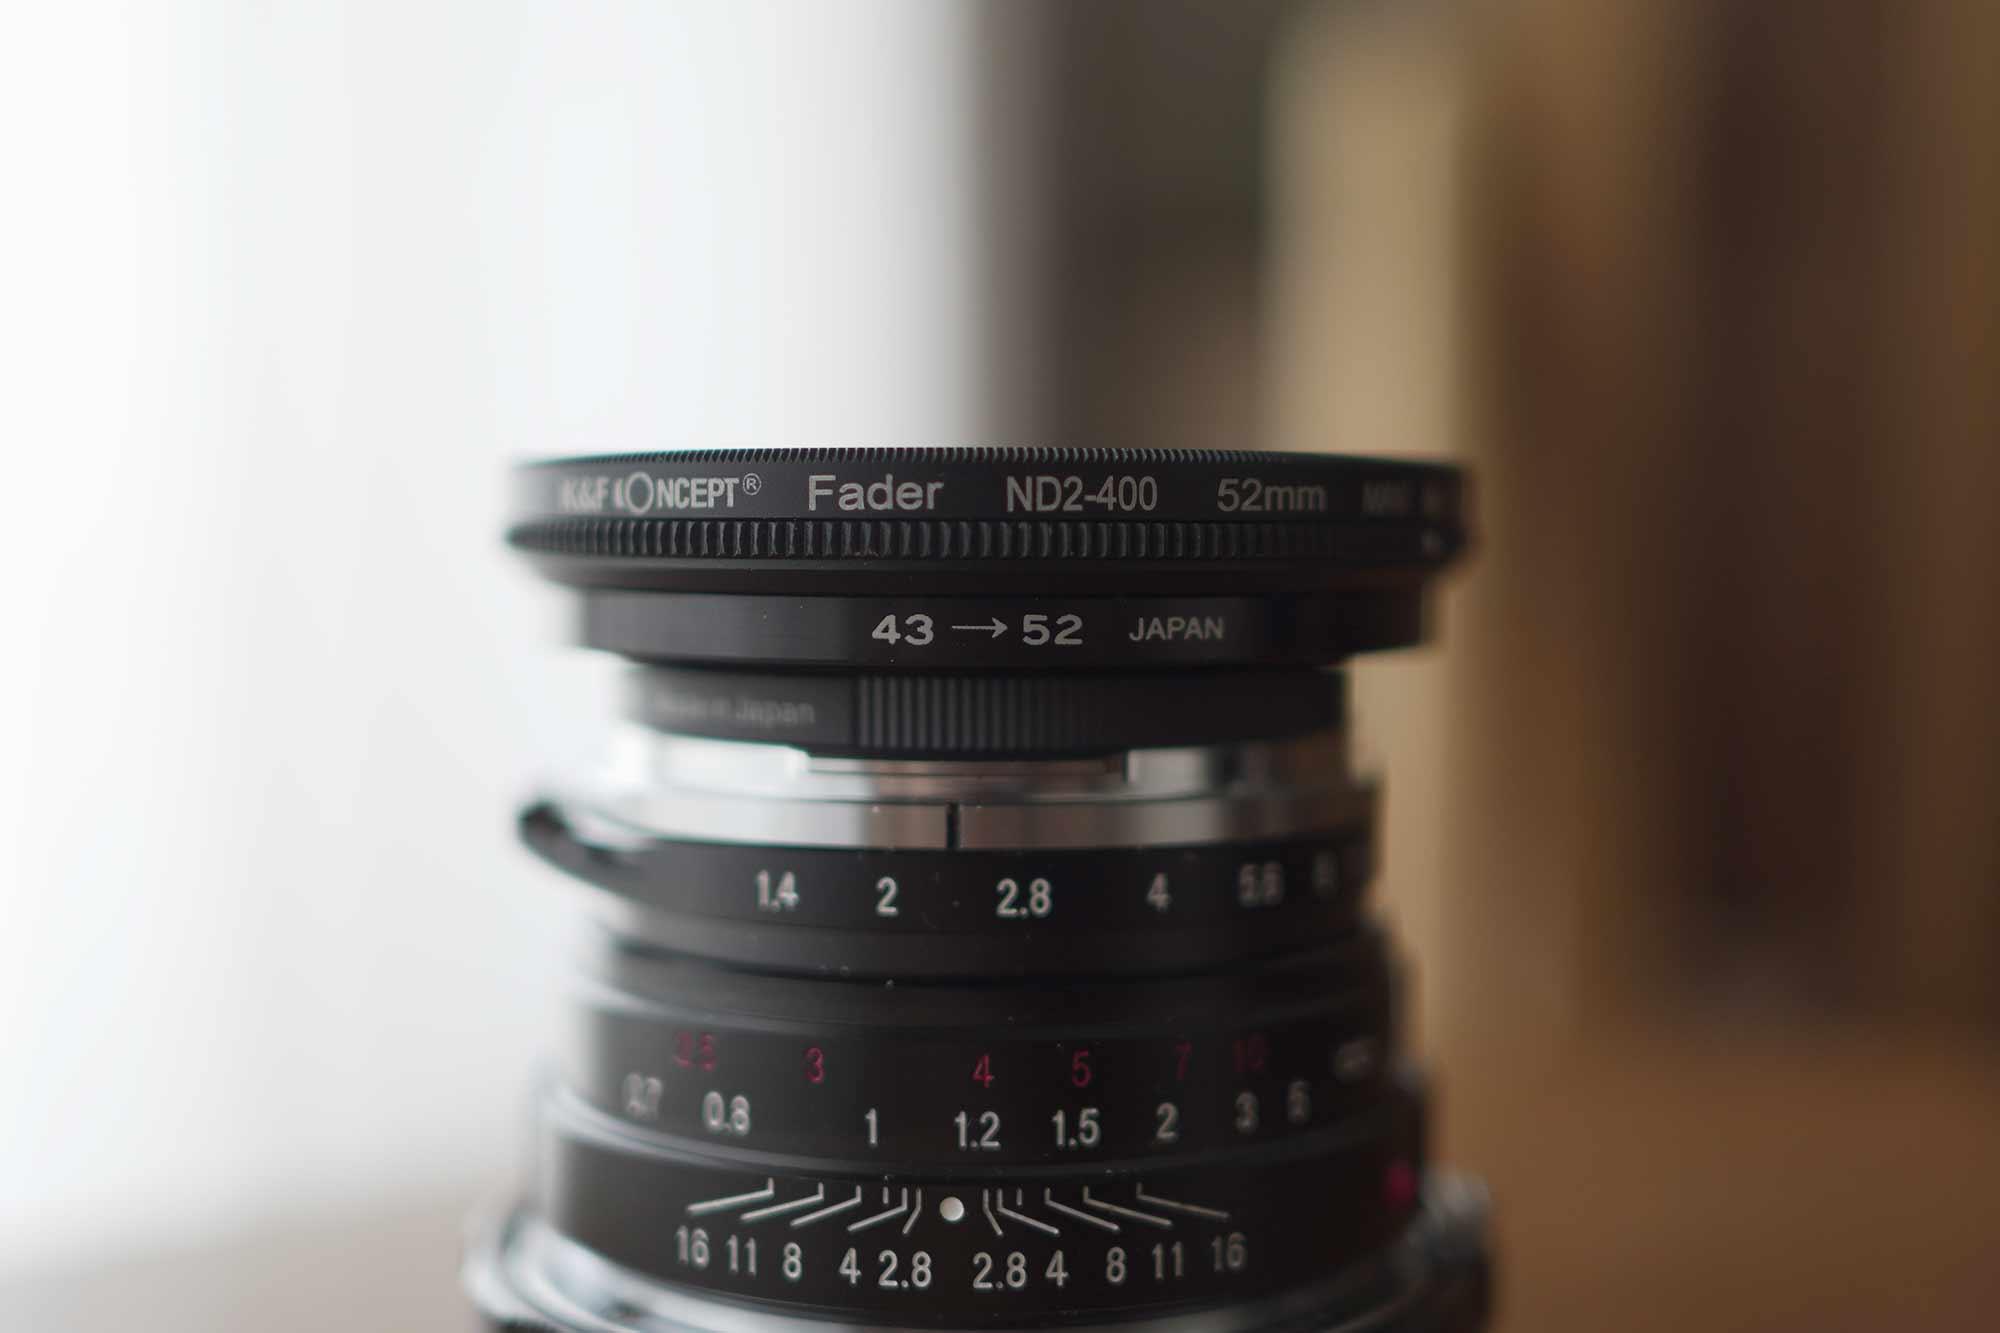 フォクトレンダー,カメラ,レンズ,クラシック,オールドレンズ,40mm,f1.4,ndフィルター